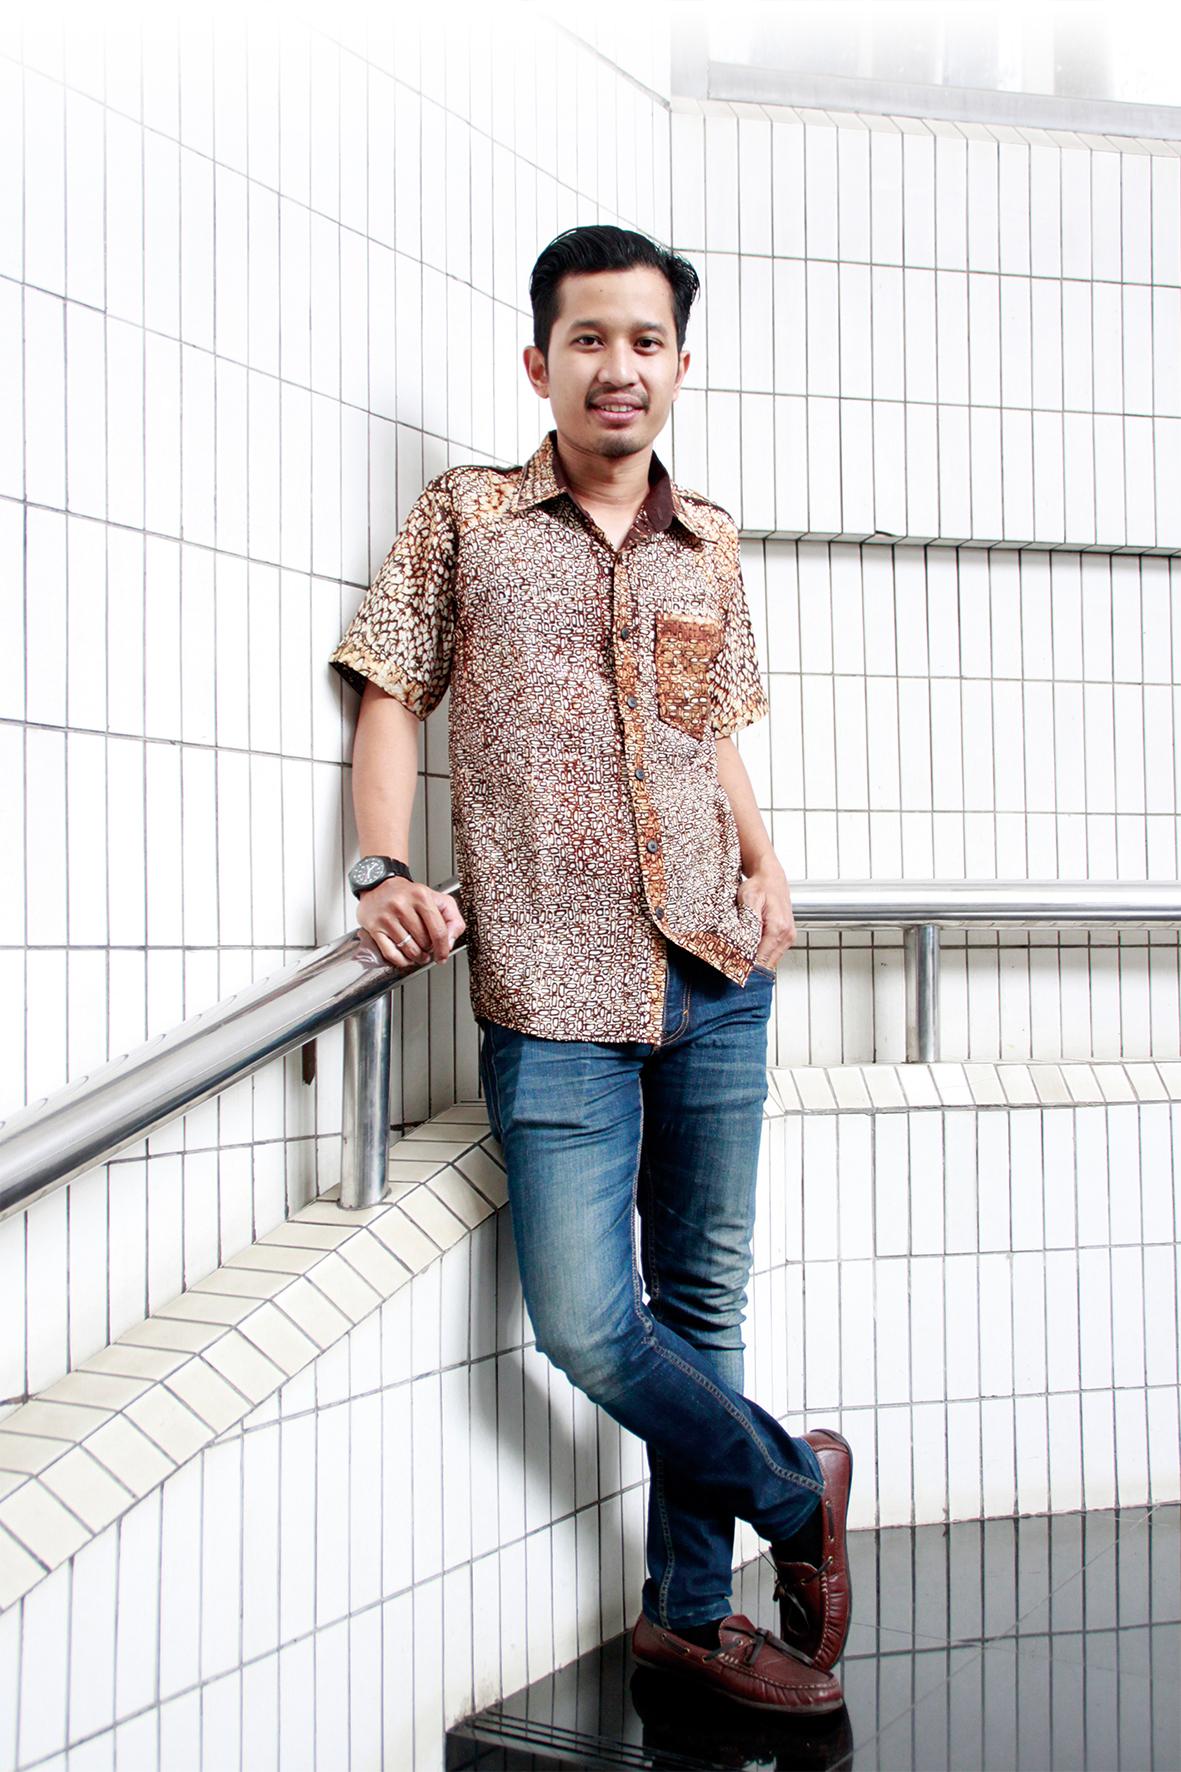 batik snap 1 1 MG 6444